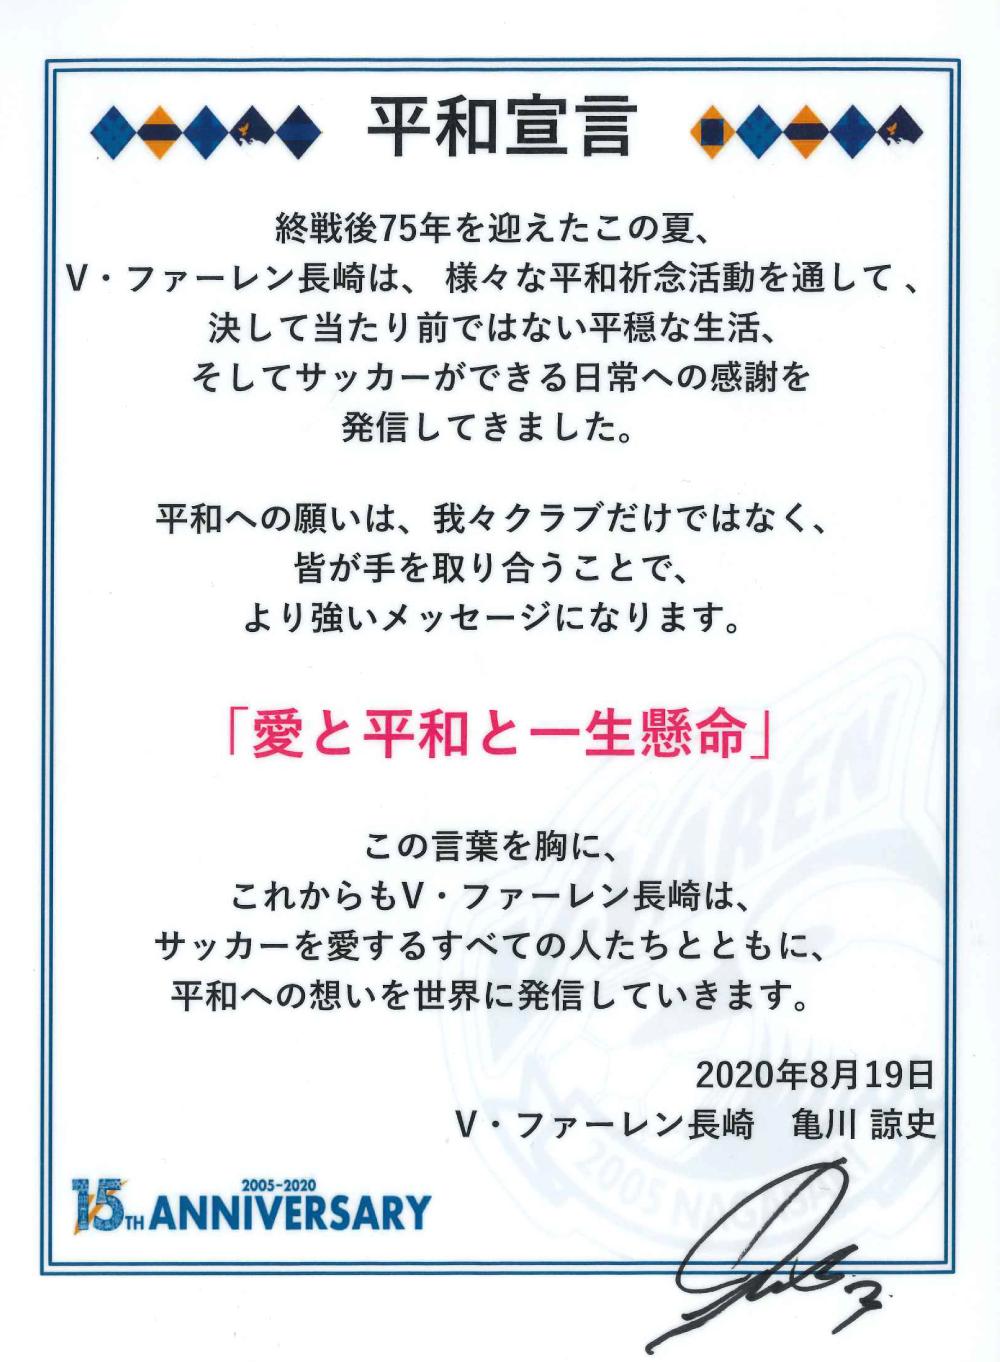 亀川諒史選手による平和宣言